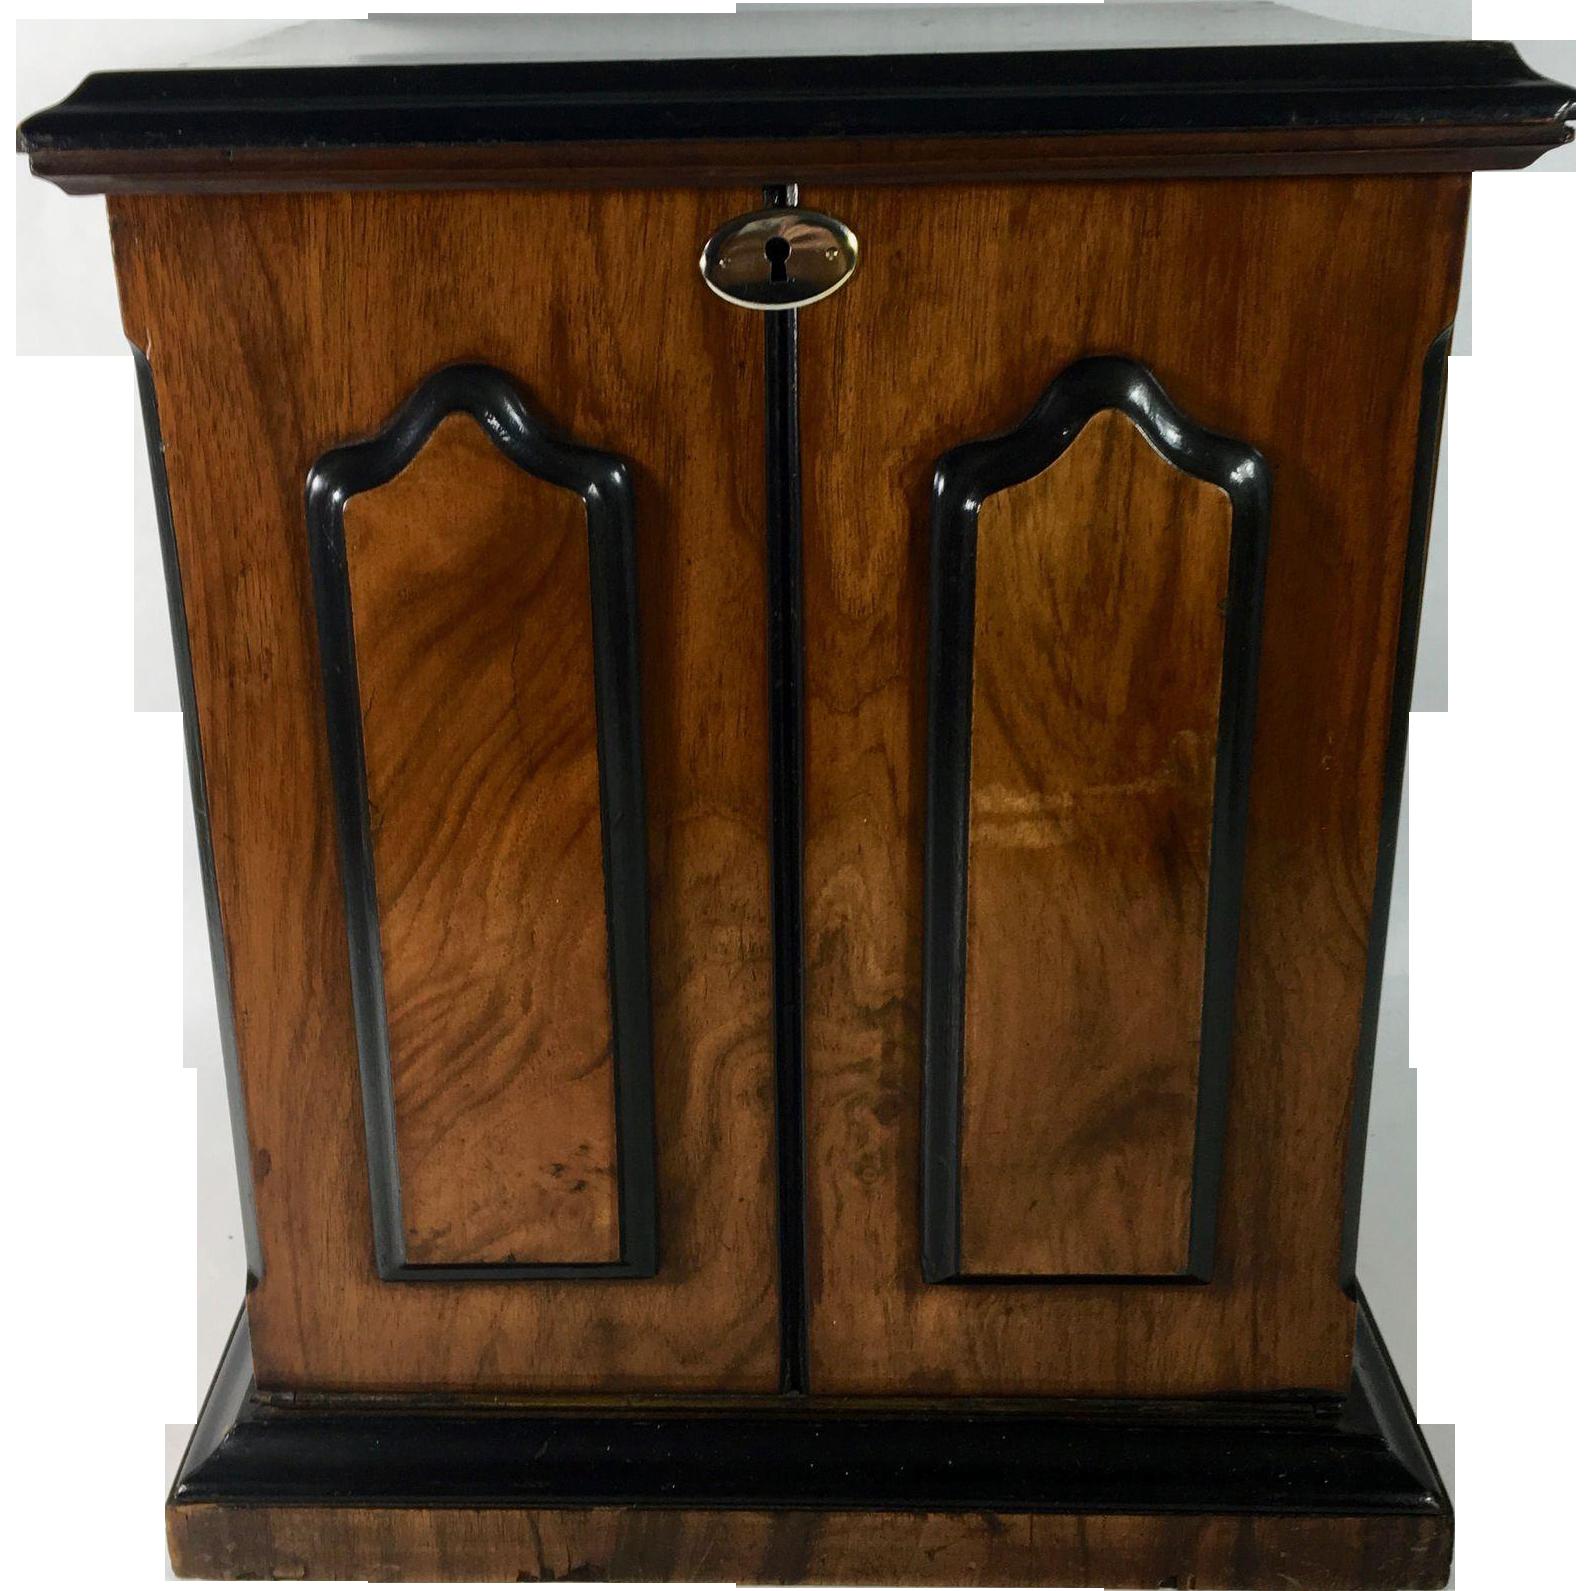 English Rosewood & Satinwood Combination Stationary Cabinet & Writing Slope